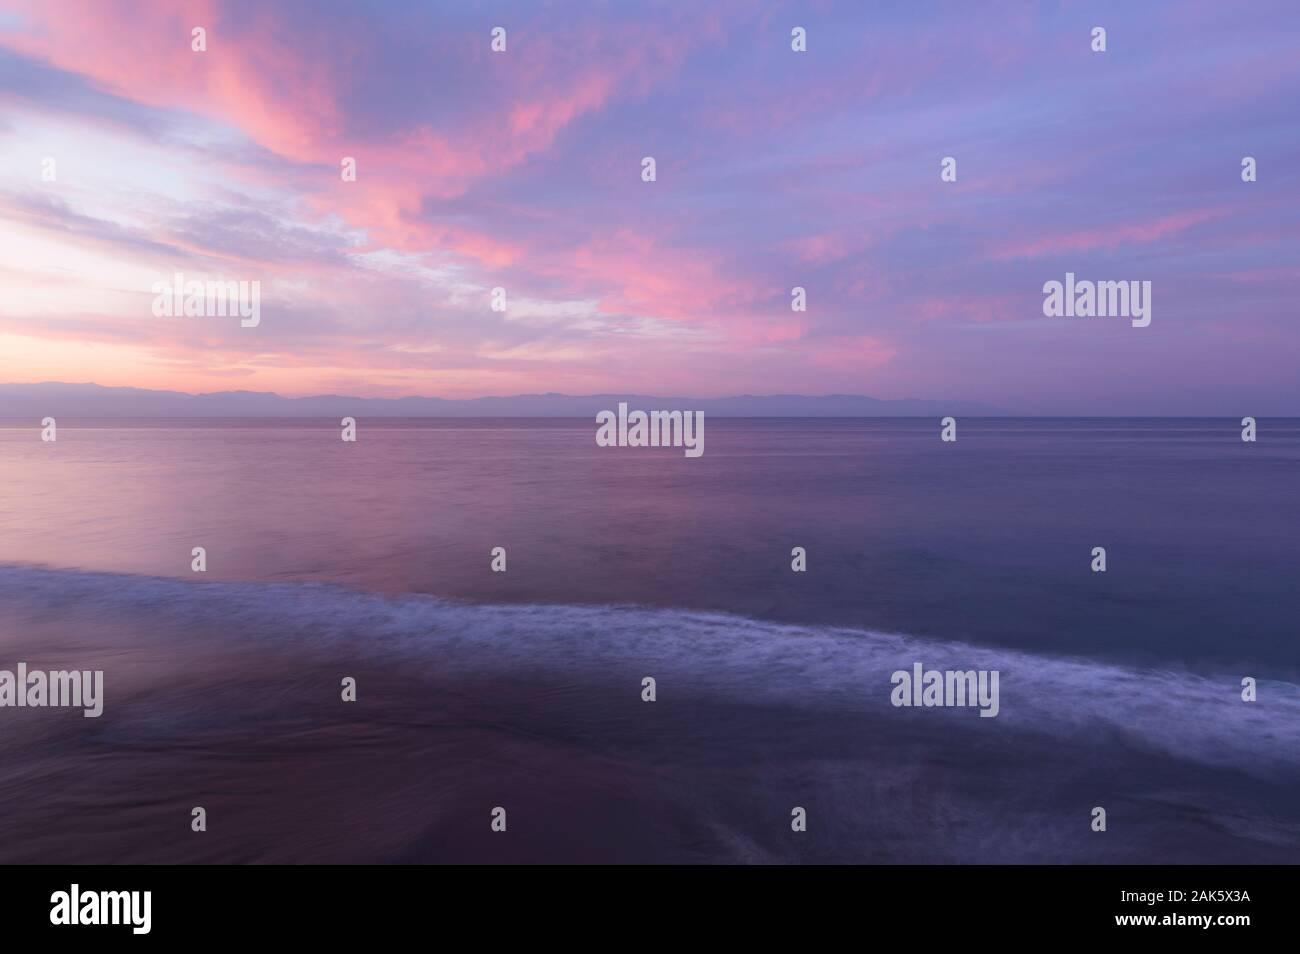 Mexico,Nayarit,Nuevo Vallarta, Pacific Ocean at dawn, pink sky and water Stock Photo